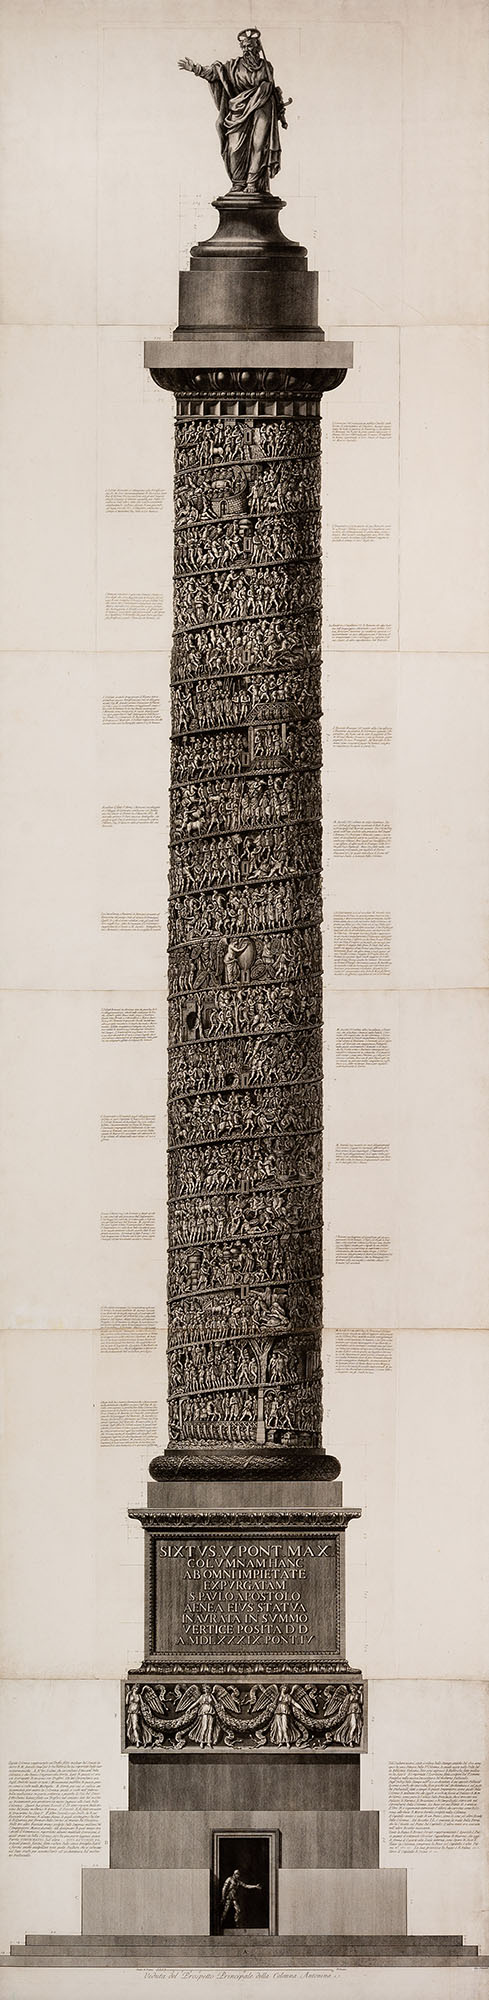 20. Veduta del prospetto principale della Colonna Antonina